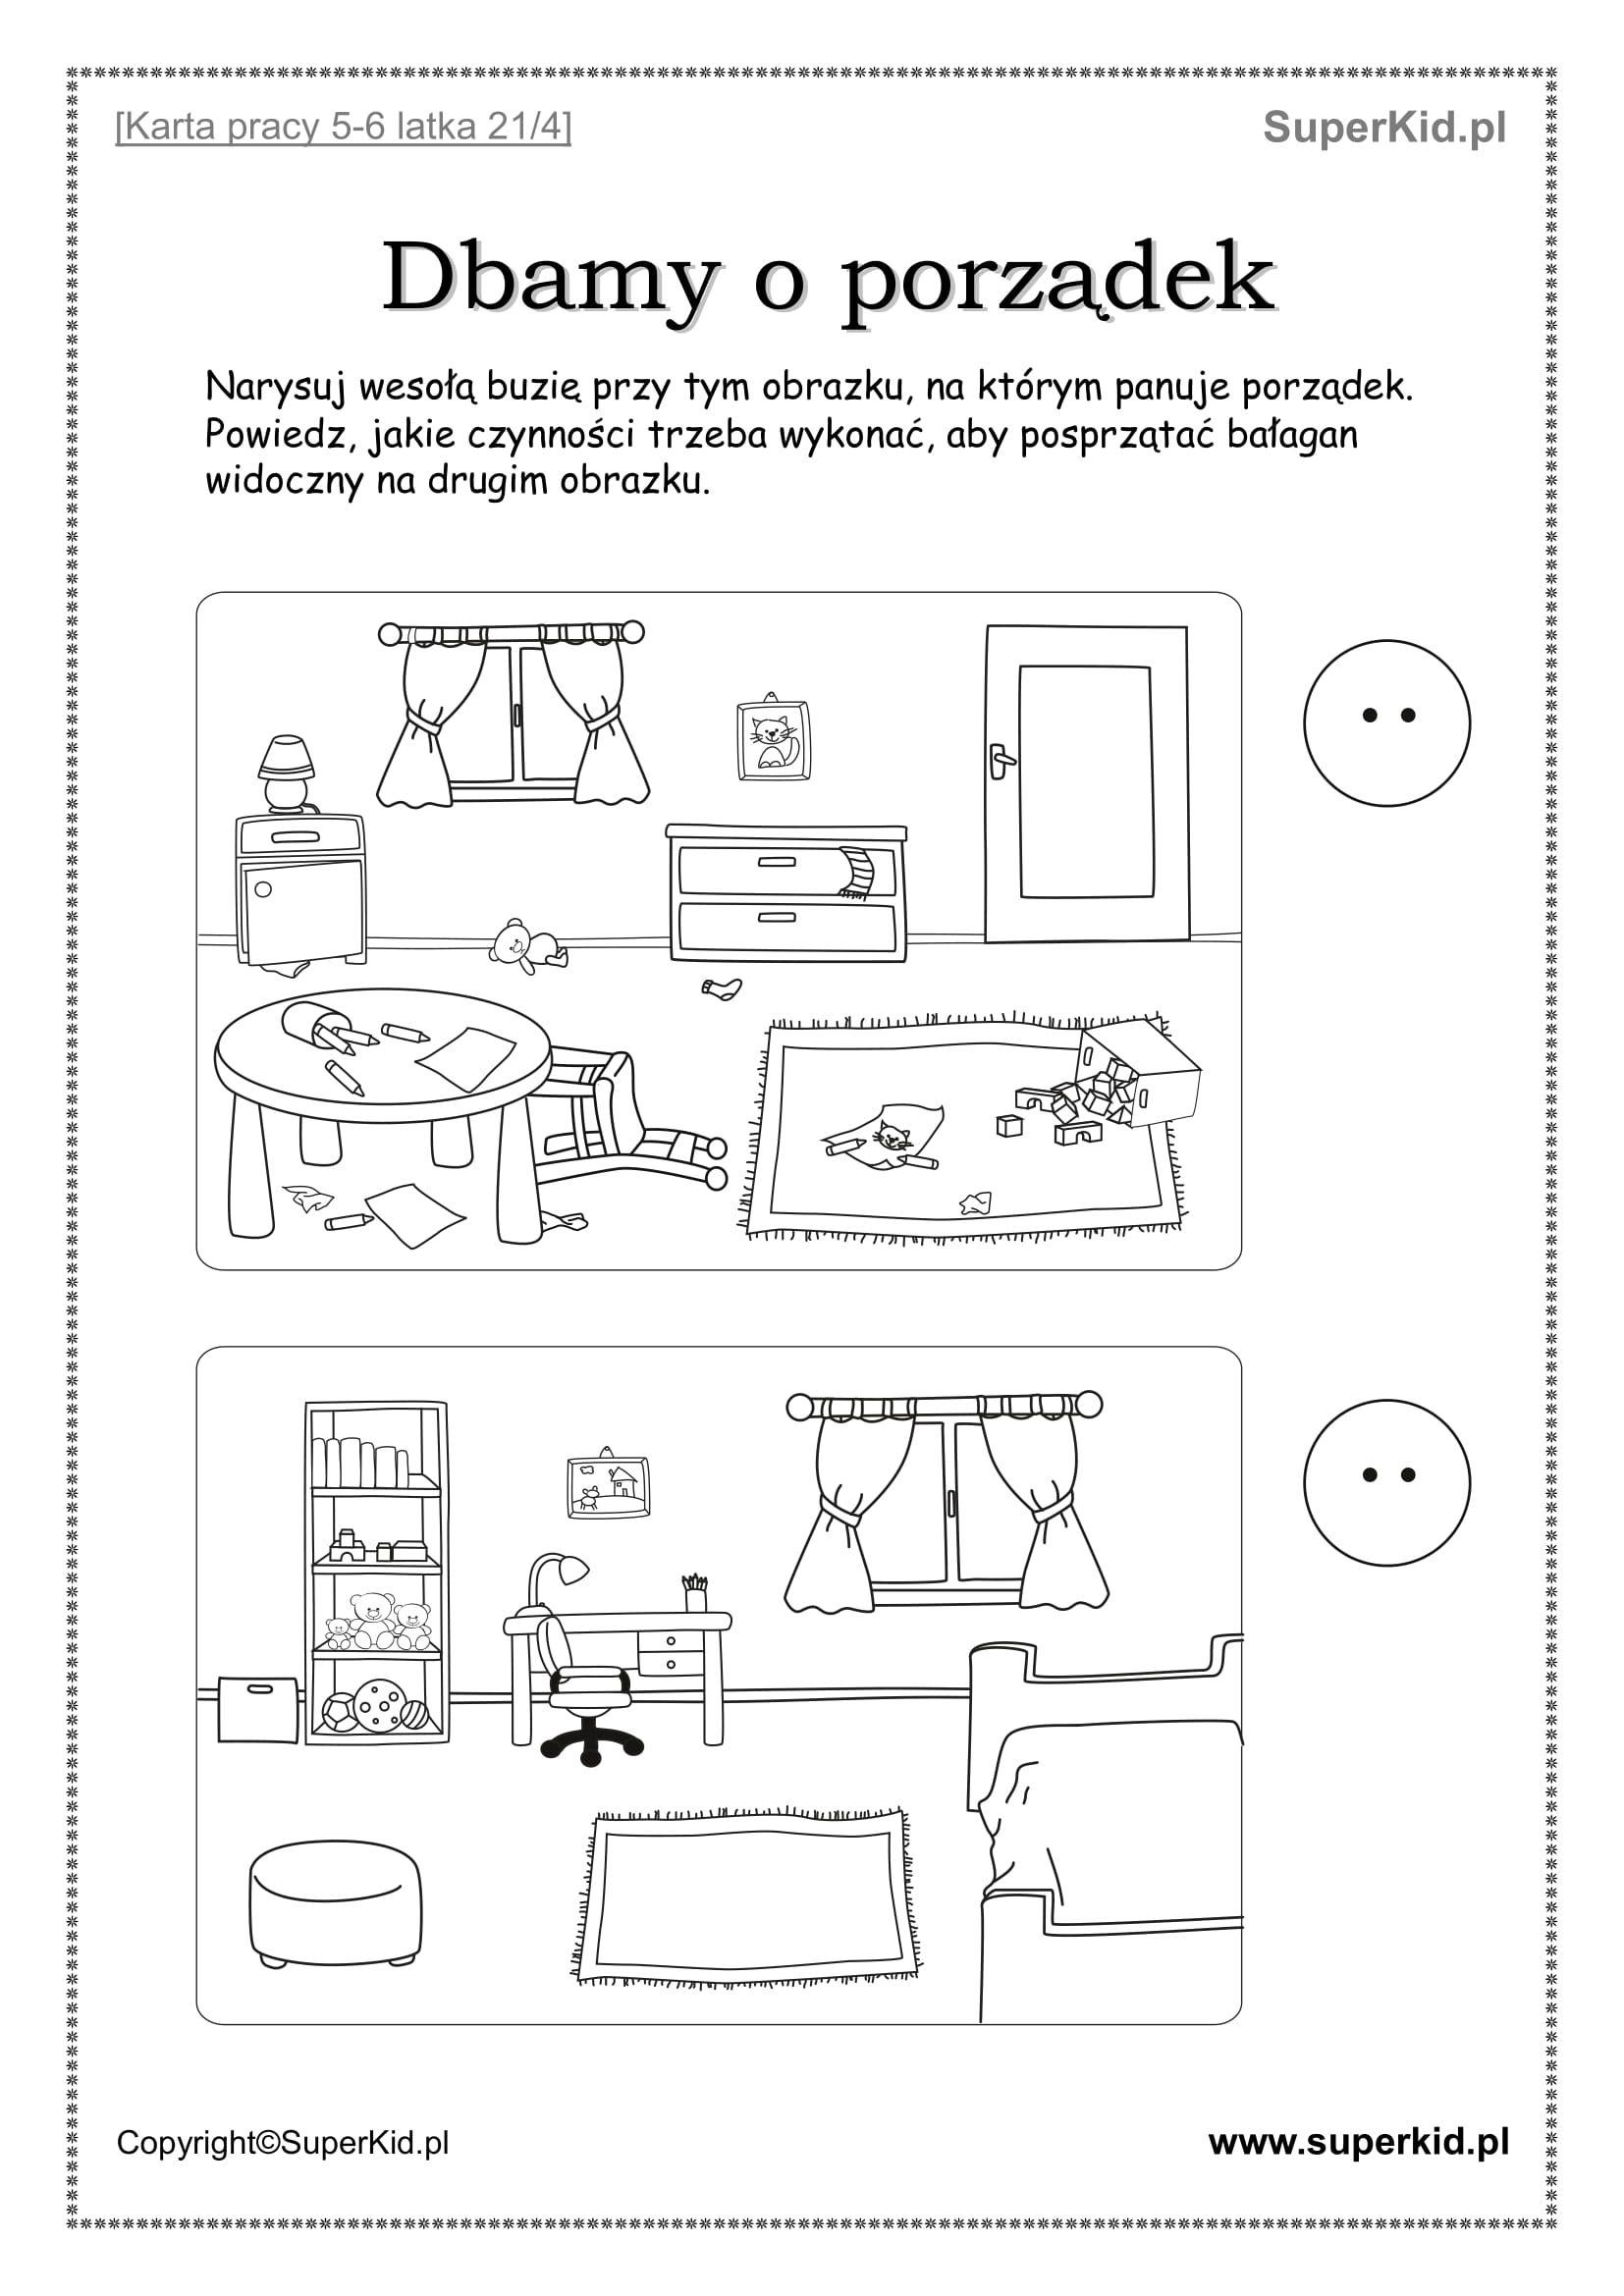 Pin By Ujanik On Gocha In 2020 Preschool Lesson Plan Preschool Lessons Preschool Lesson Plans